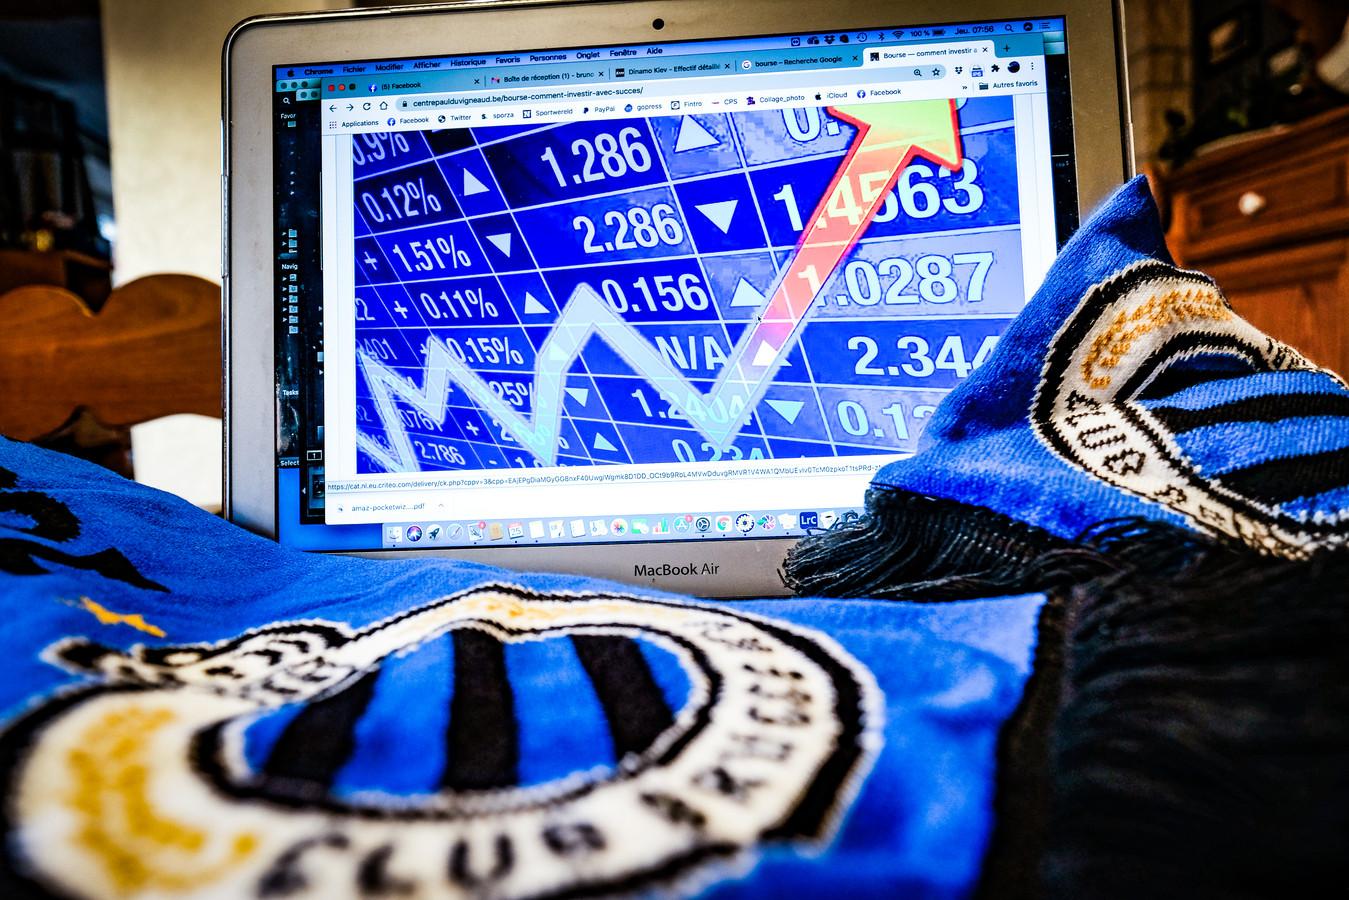 Het zou zomaar kunnen dat fans van Club Brugge binnenkort een aandeel kunnen kopen van hun favoriete club.